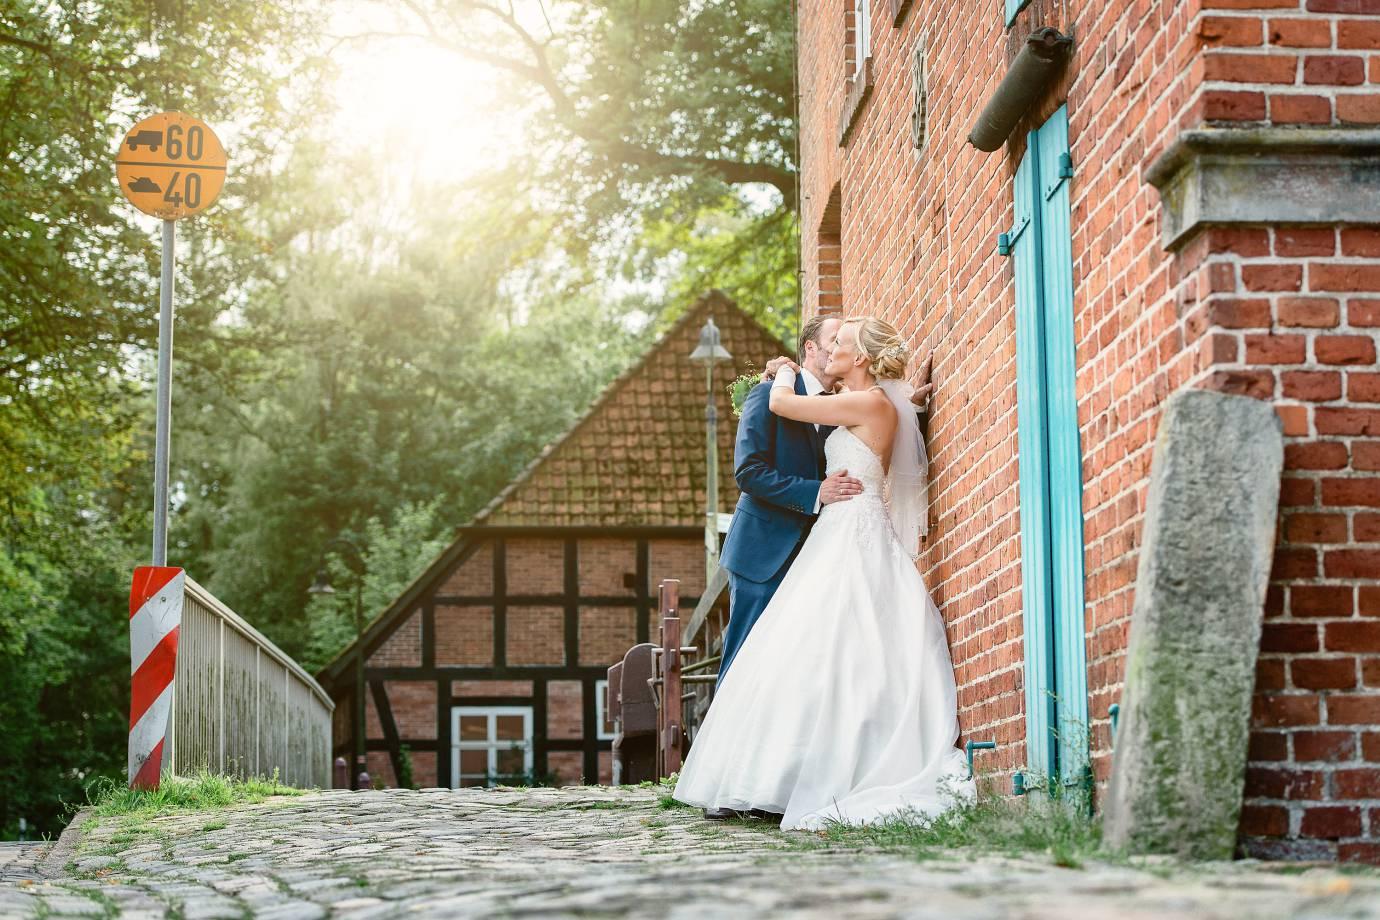 hochzeitsfotograf kirchseelte 110 - Sabrina+Lars